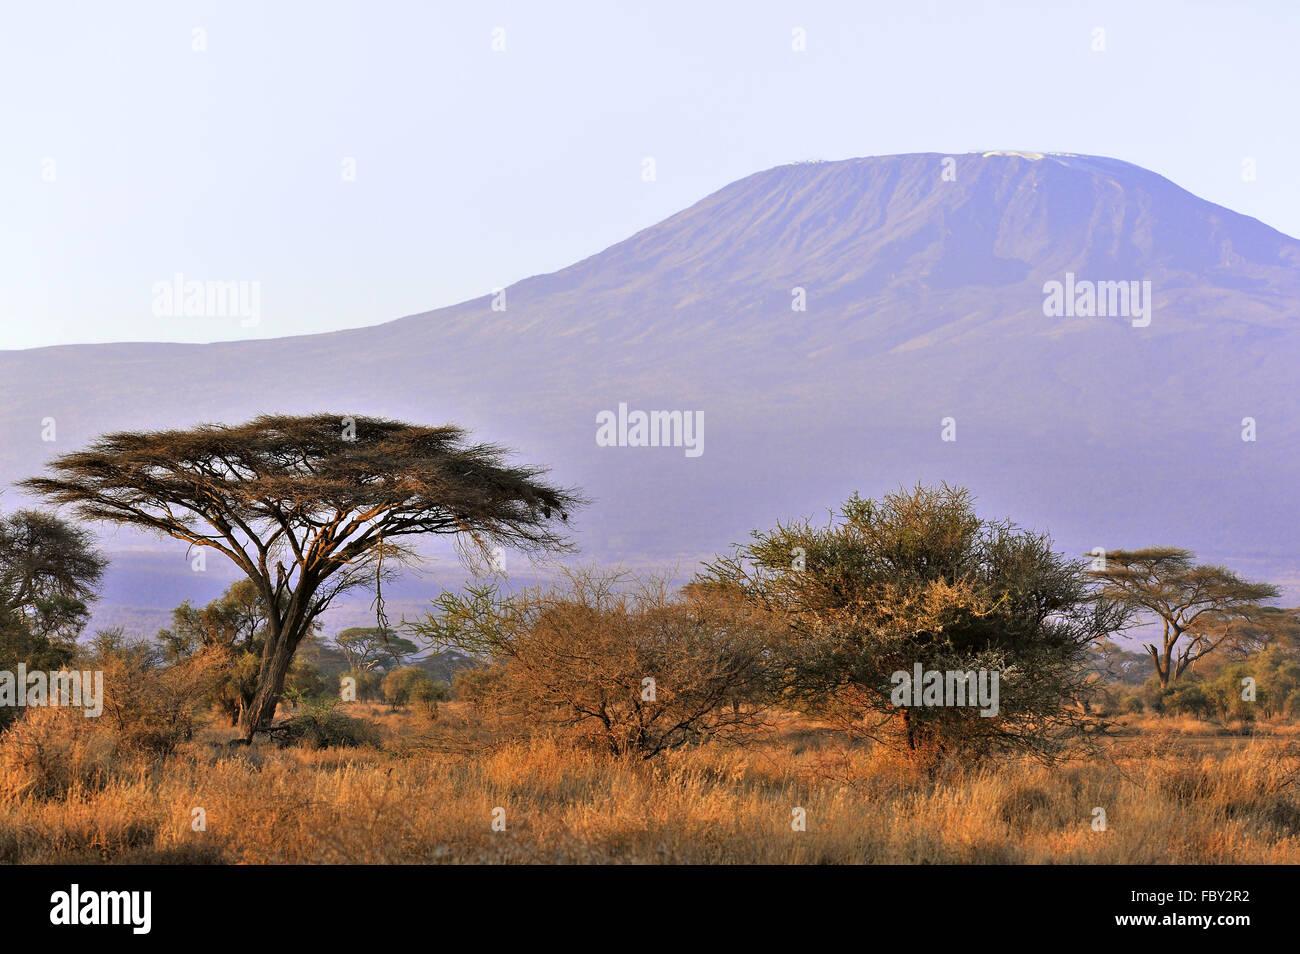 Mount Kilimanjaro at sunrise - Stock Image